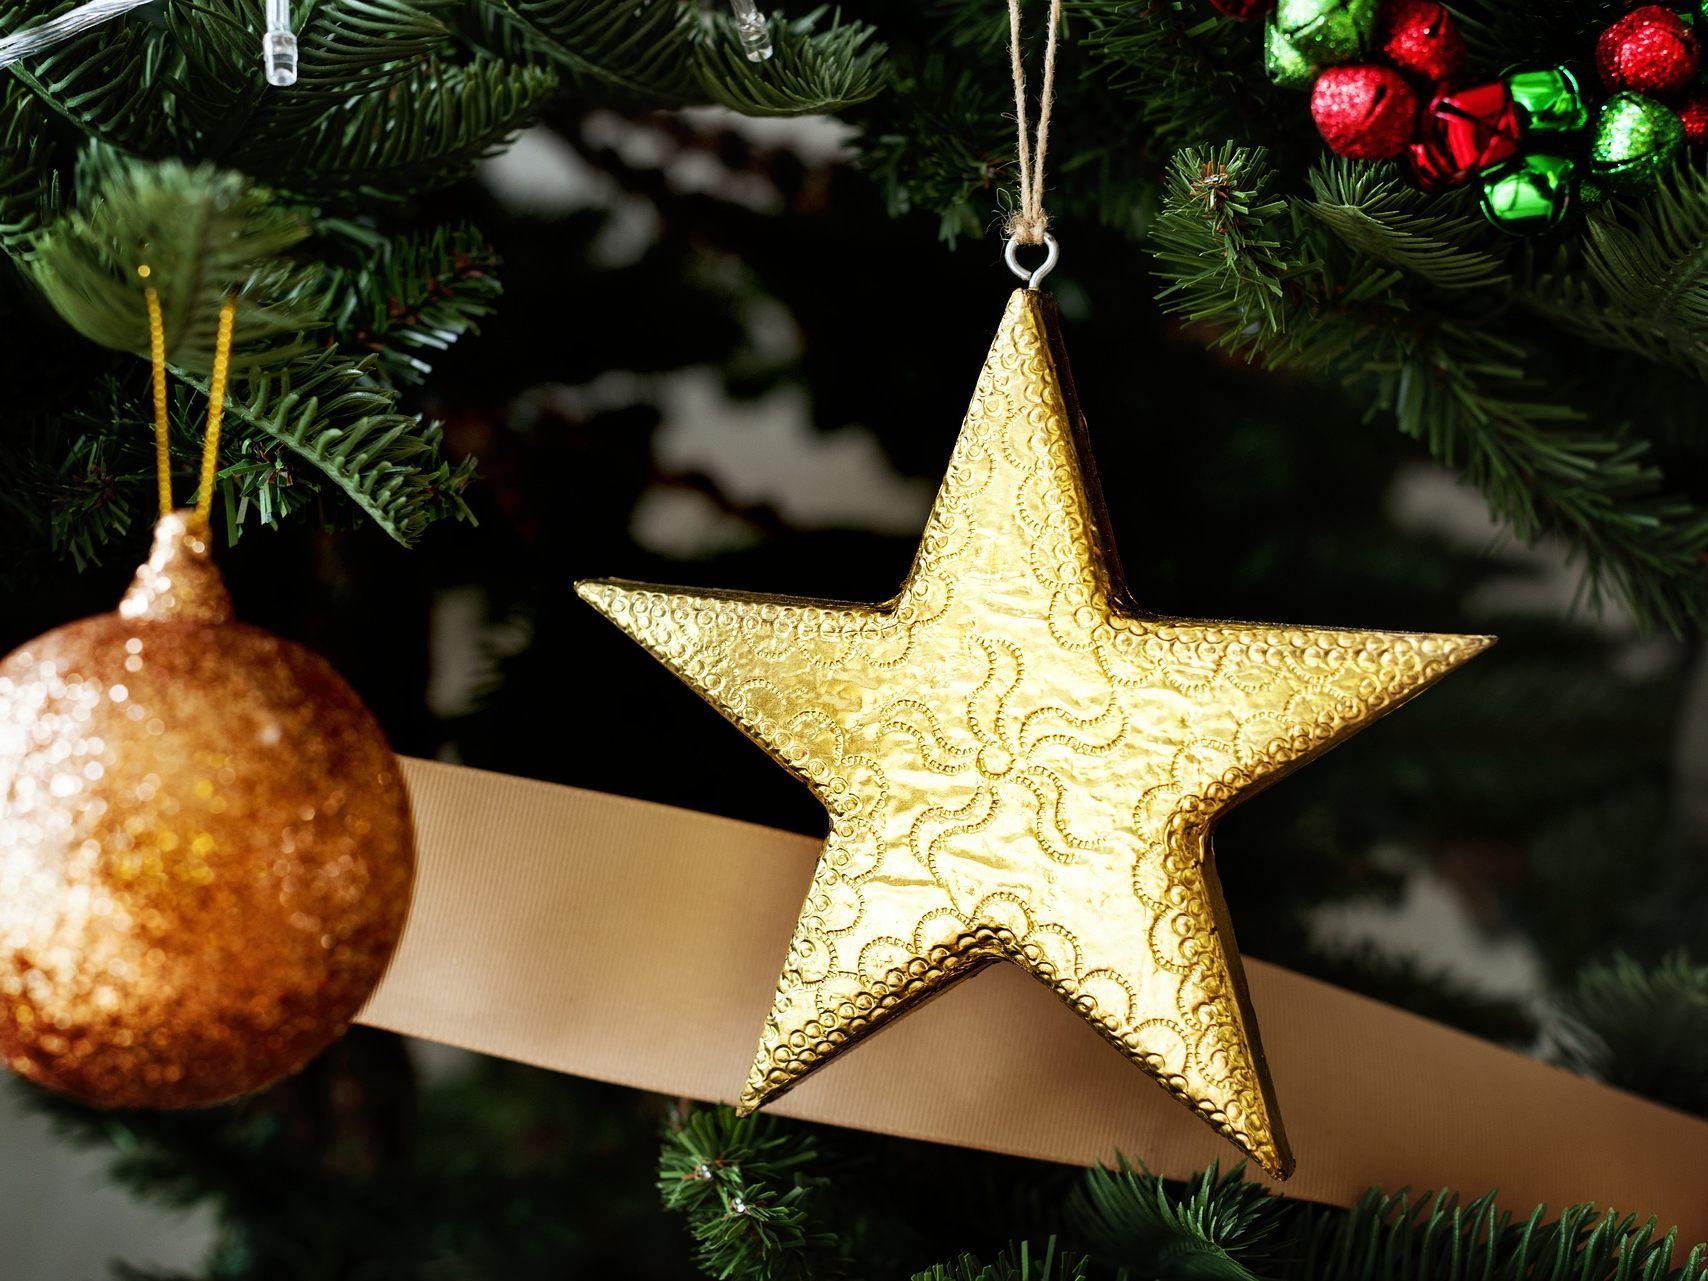 Wien Weihnachtsbaum Kaufen.Last Minute Christbaumdeko Für Den Schmalen Geldbeutel Weihnachten